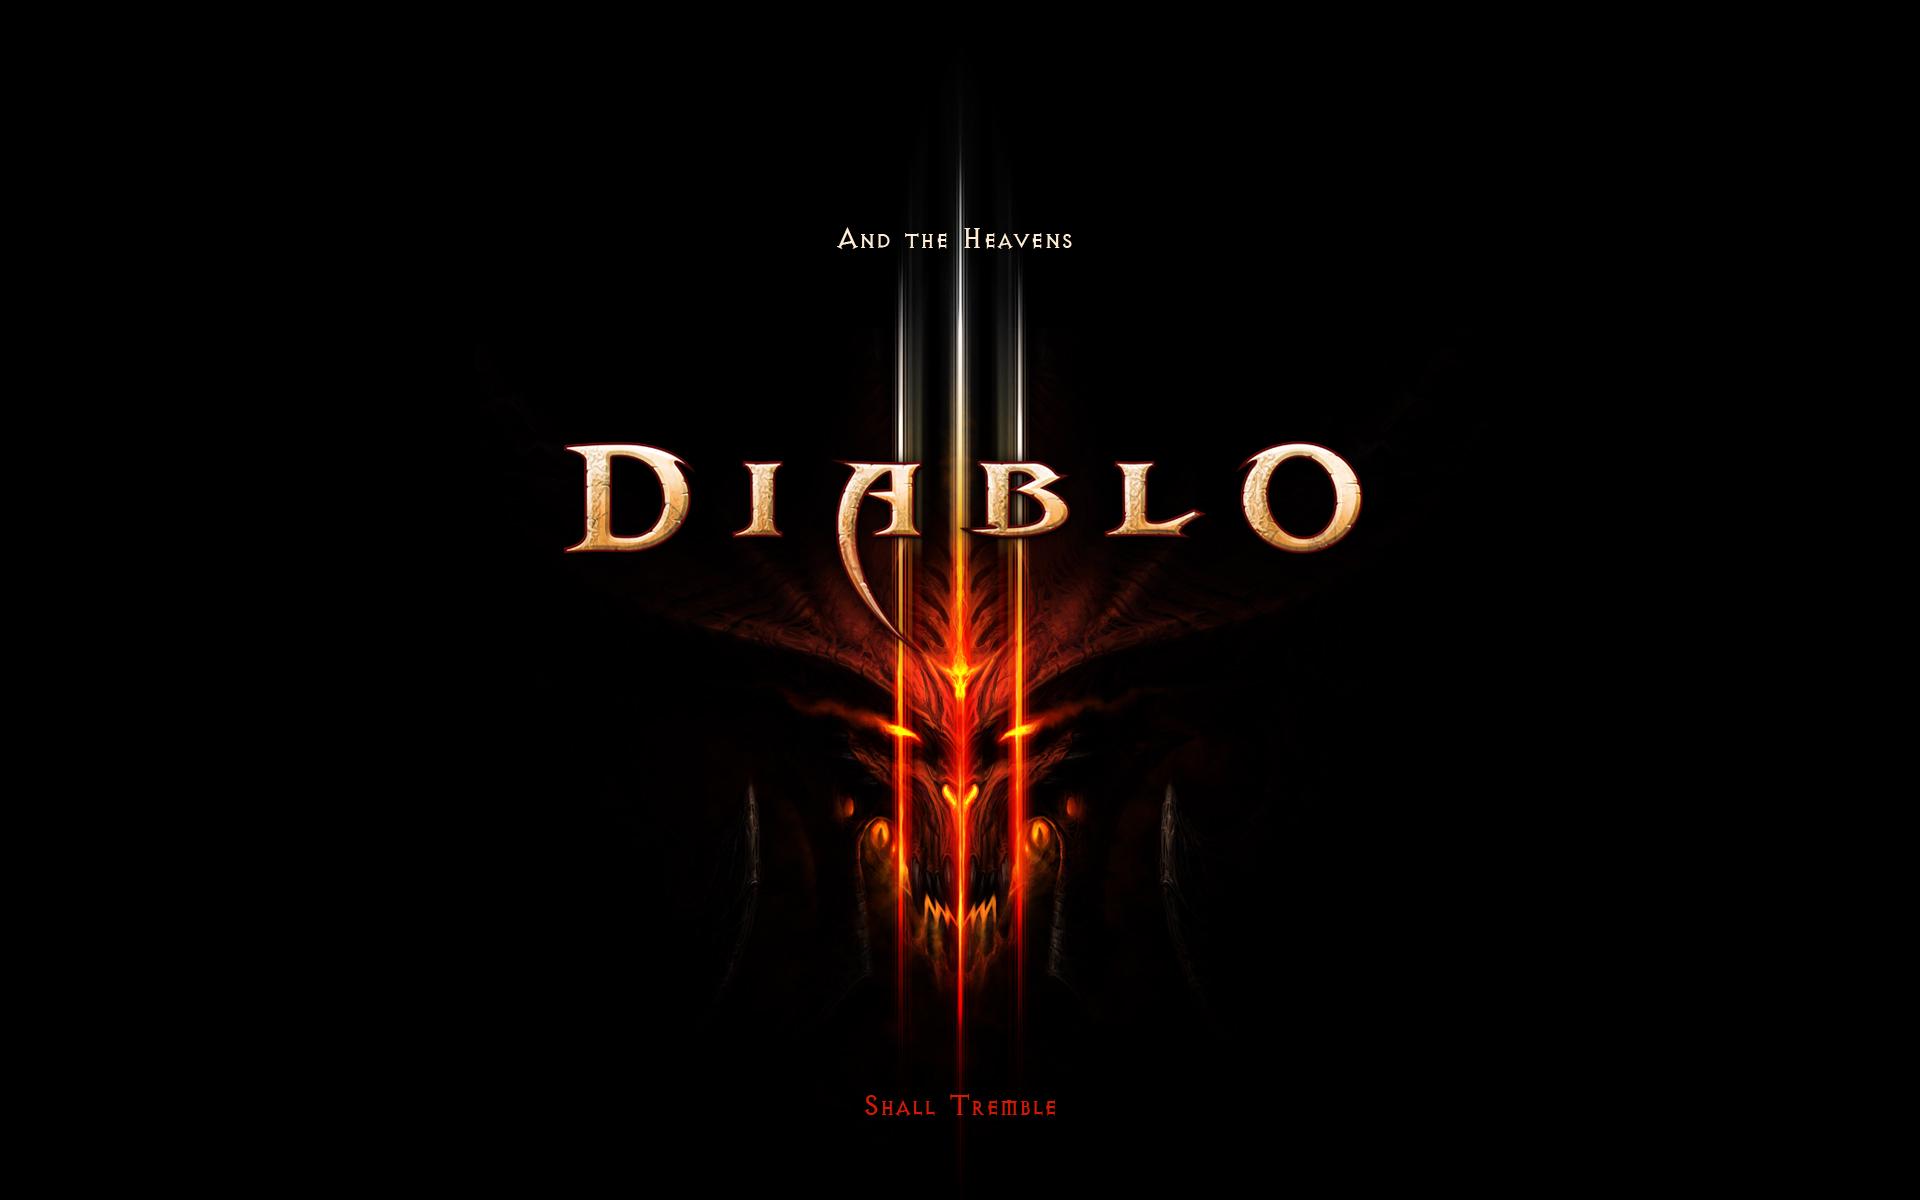 Trailer televisivo de Diablo III [EVIL IS BACK!]